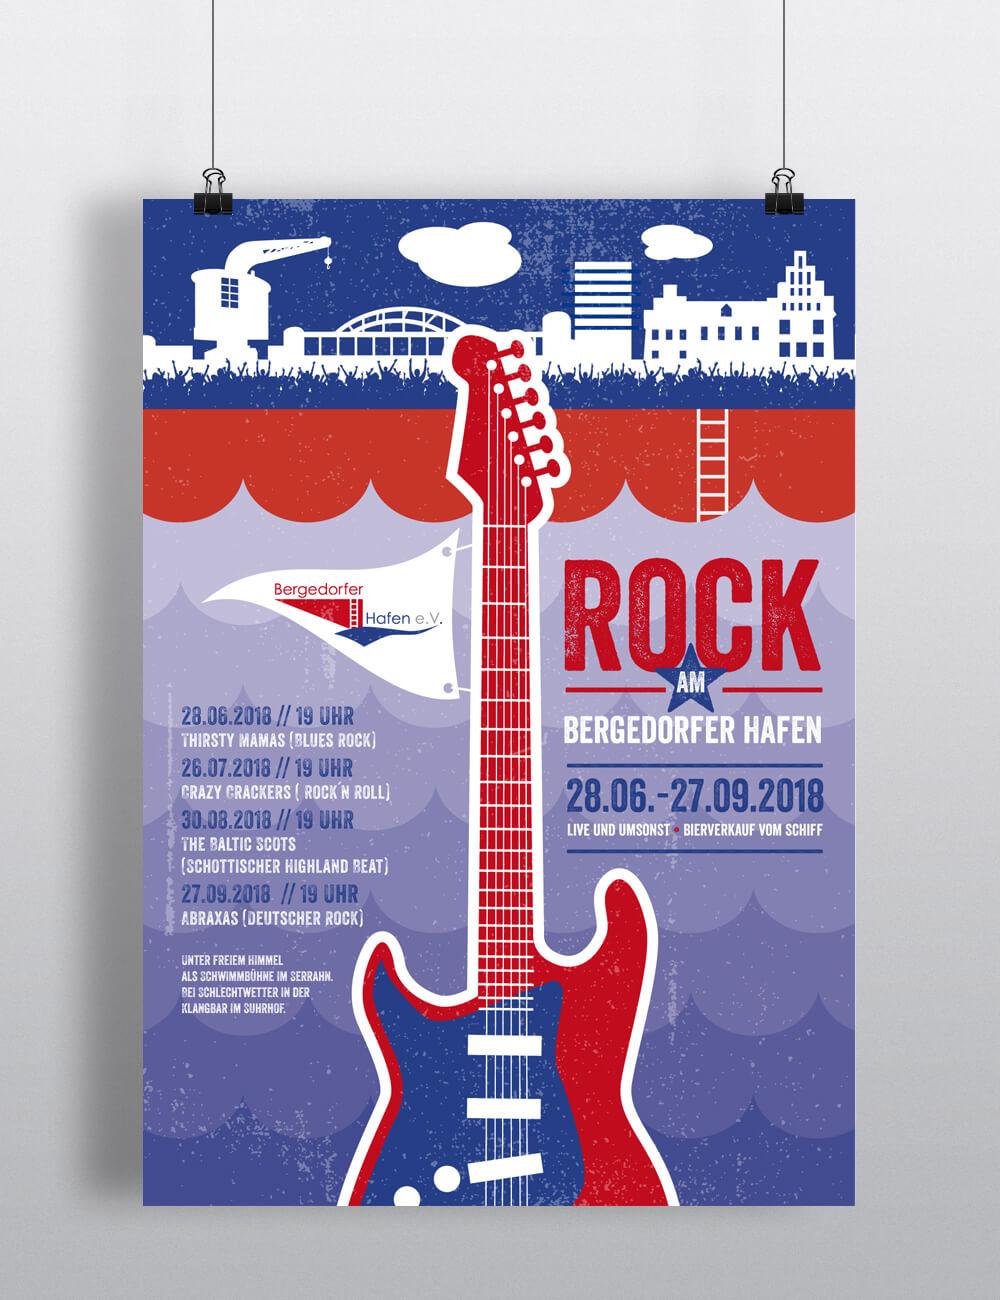 Plakat Design Tipps Rock im Bergedorfer Hafen